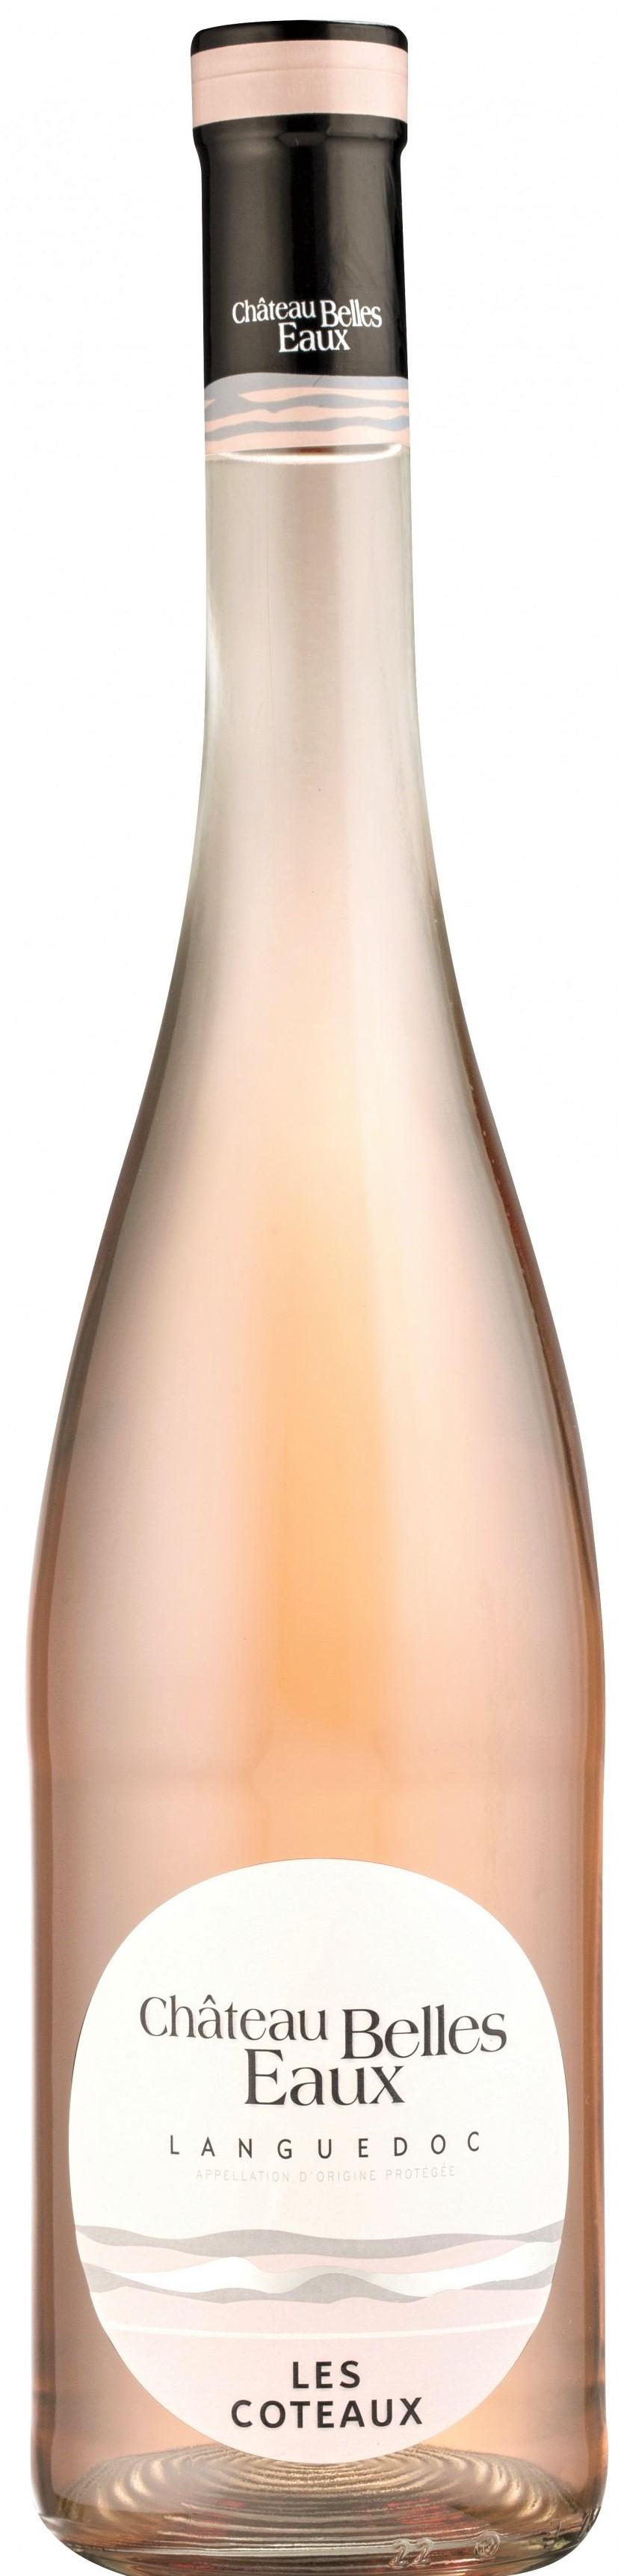 Caudalia wine Box Febrero 2021 Château Belles Eaux - Les Côteaux